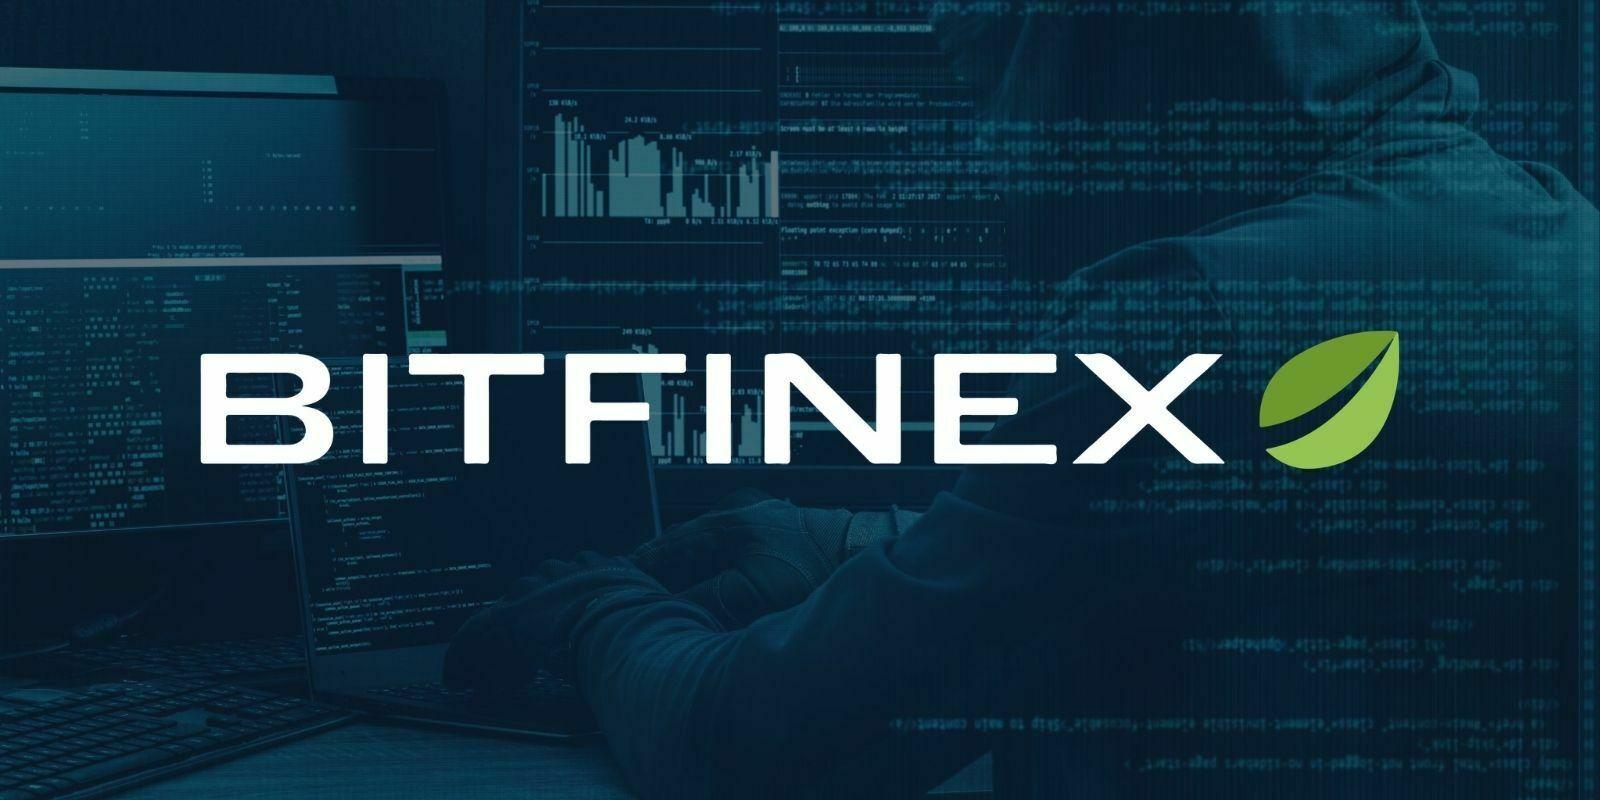 $33M de bitcoins issus du hack de Bitfinex en 2016 entrent en mouvement